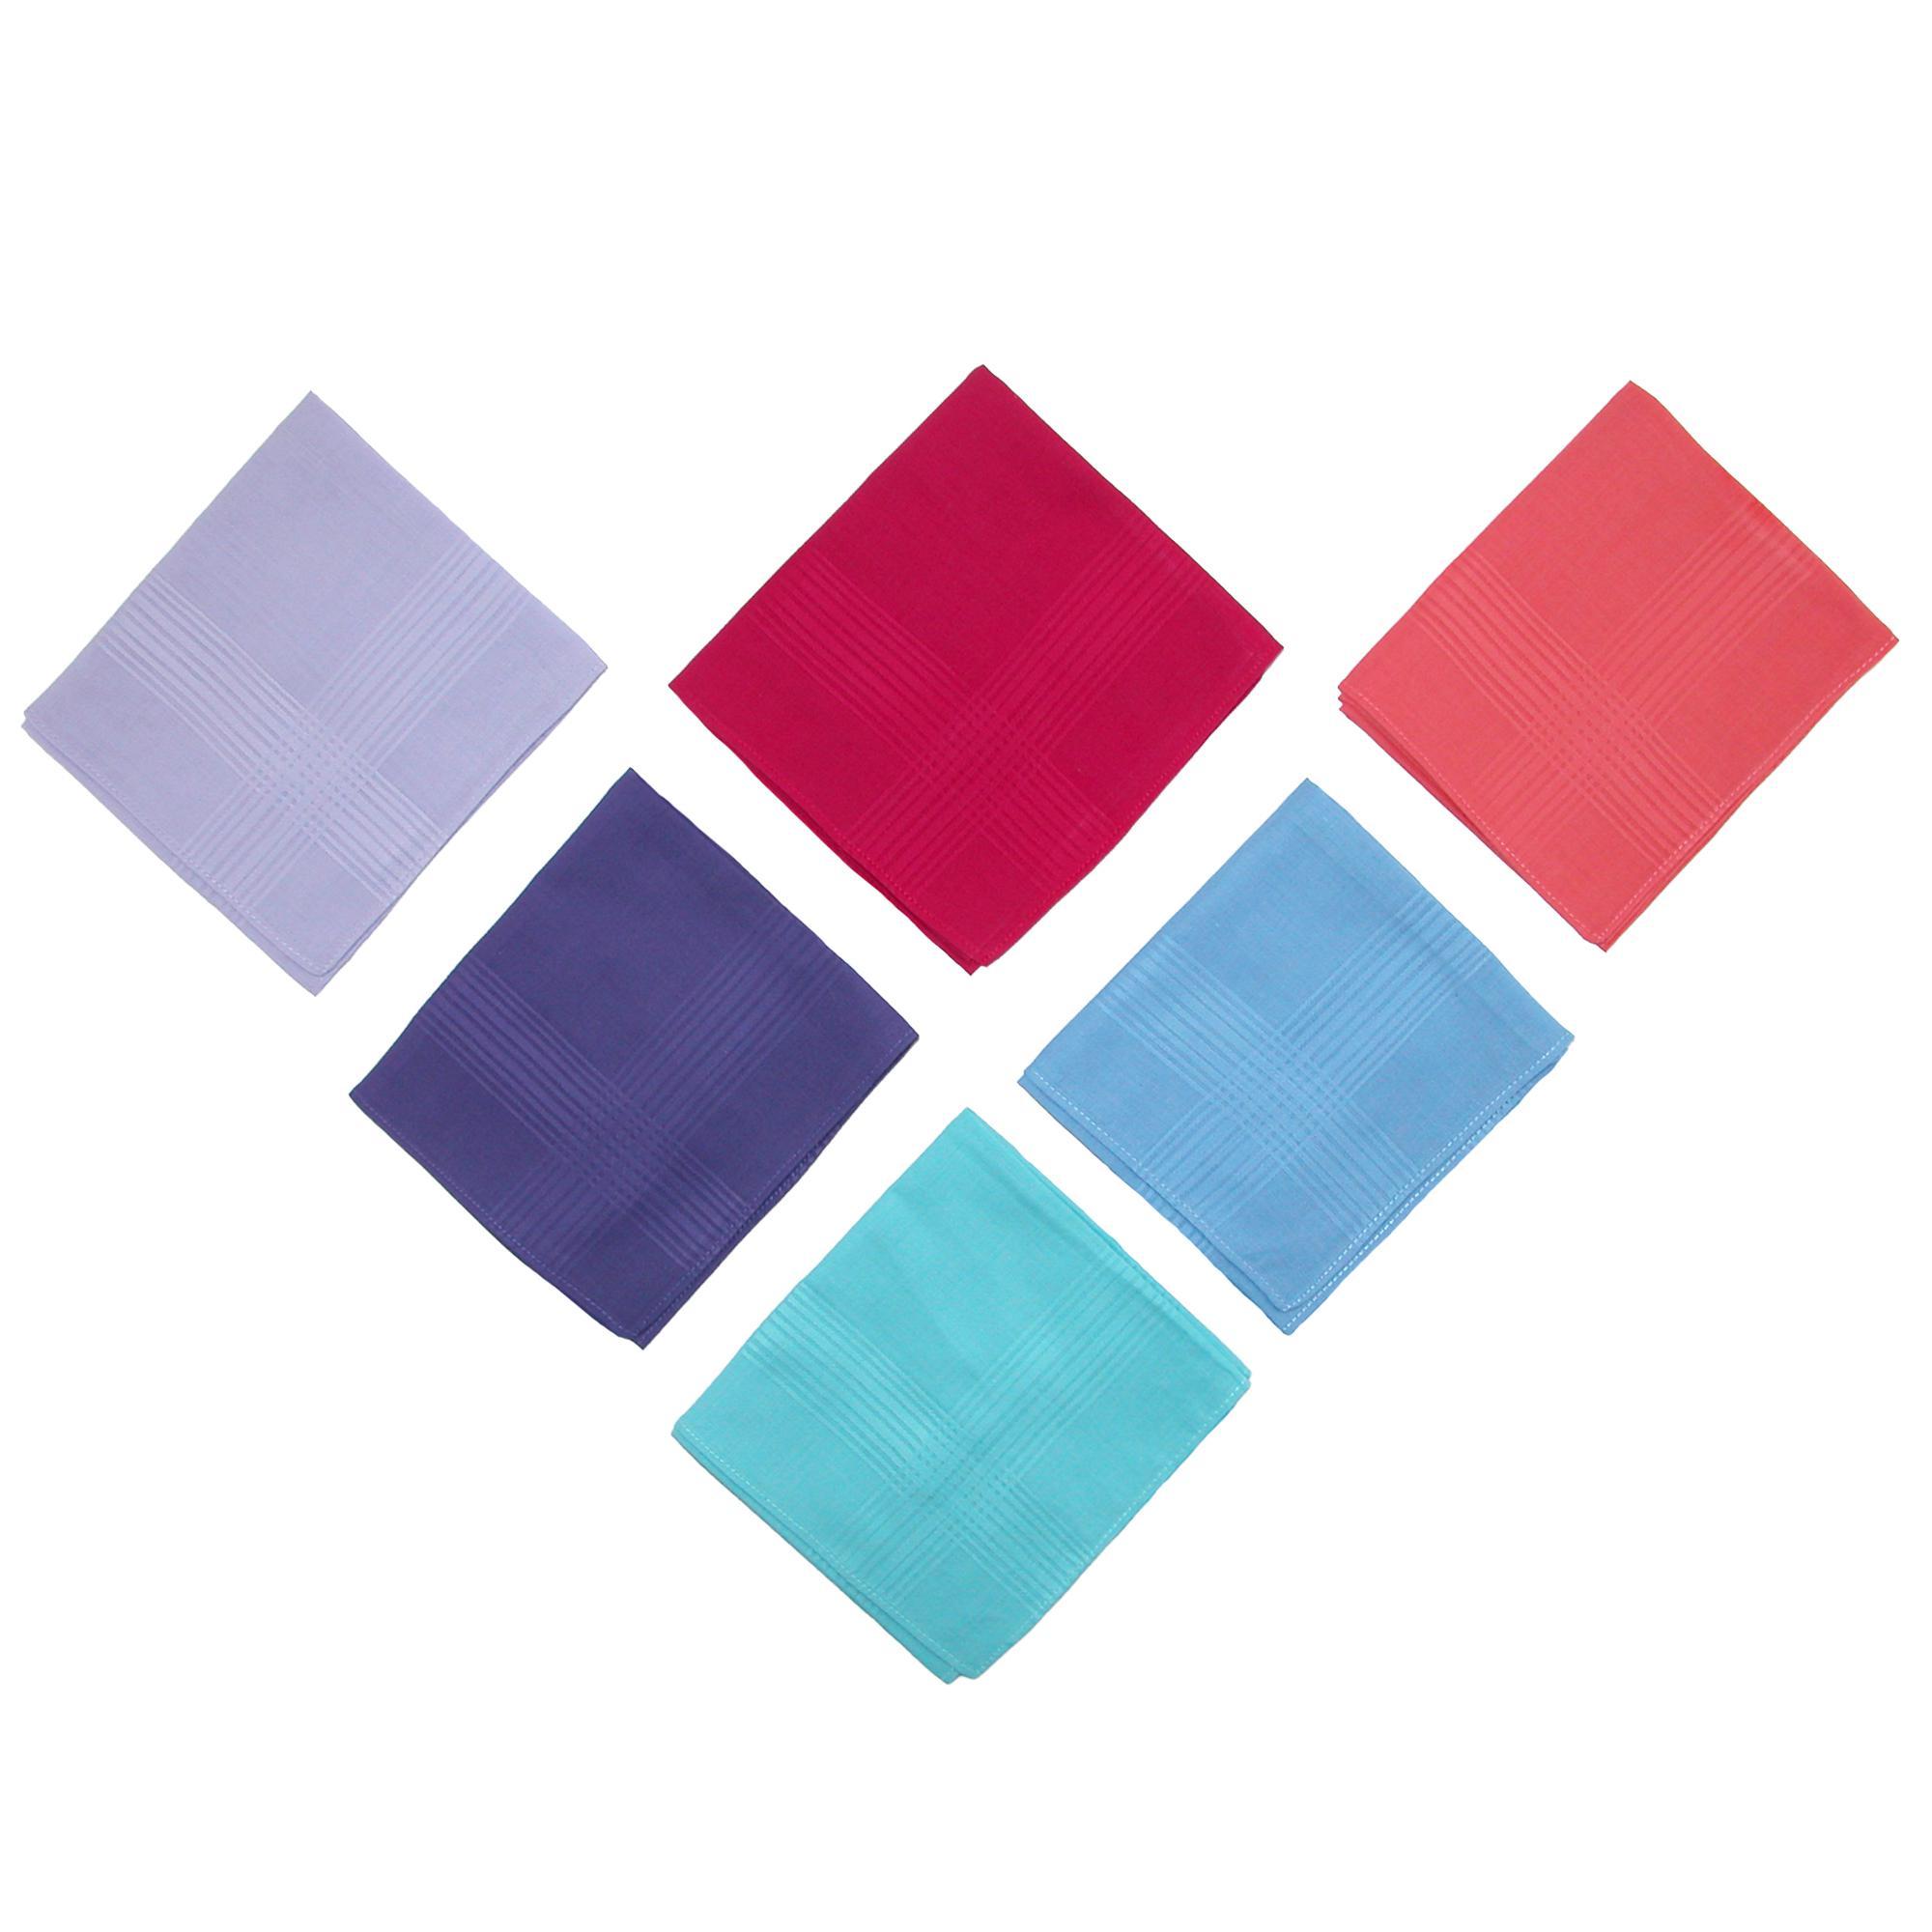 Selini Women's Cotton Bright Multi-Color Dress Handkerchief Set (Pack of 6) - image 2 de 4